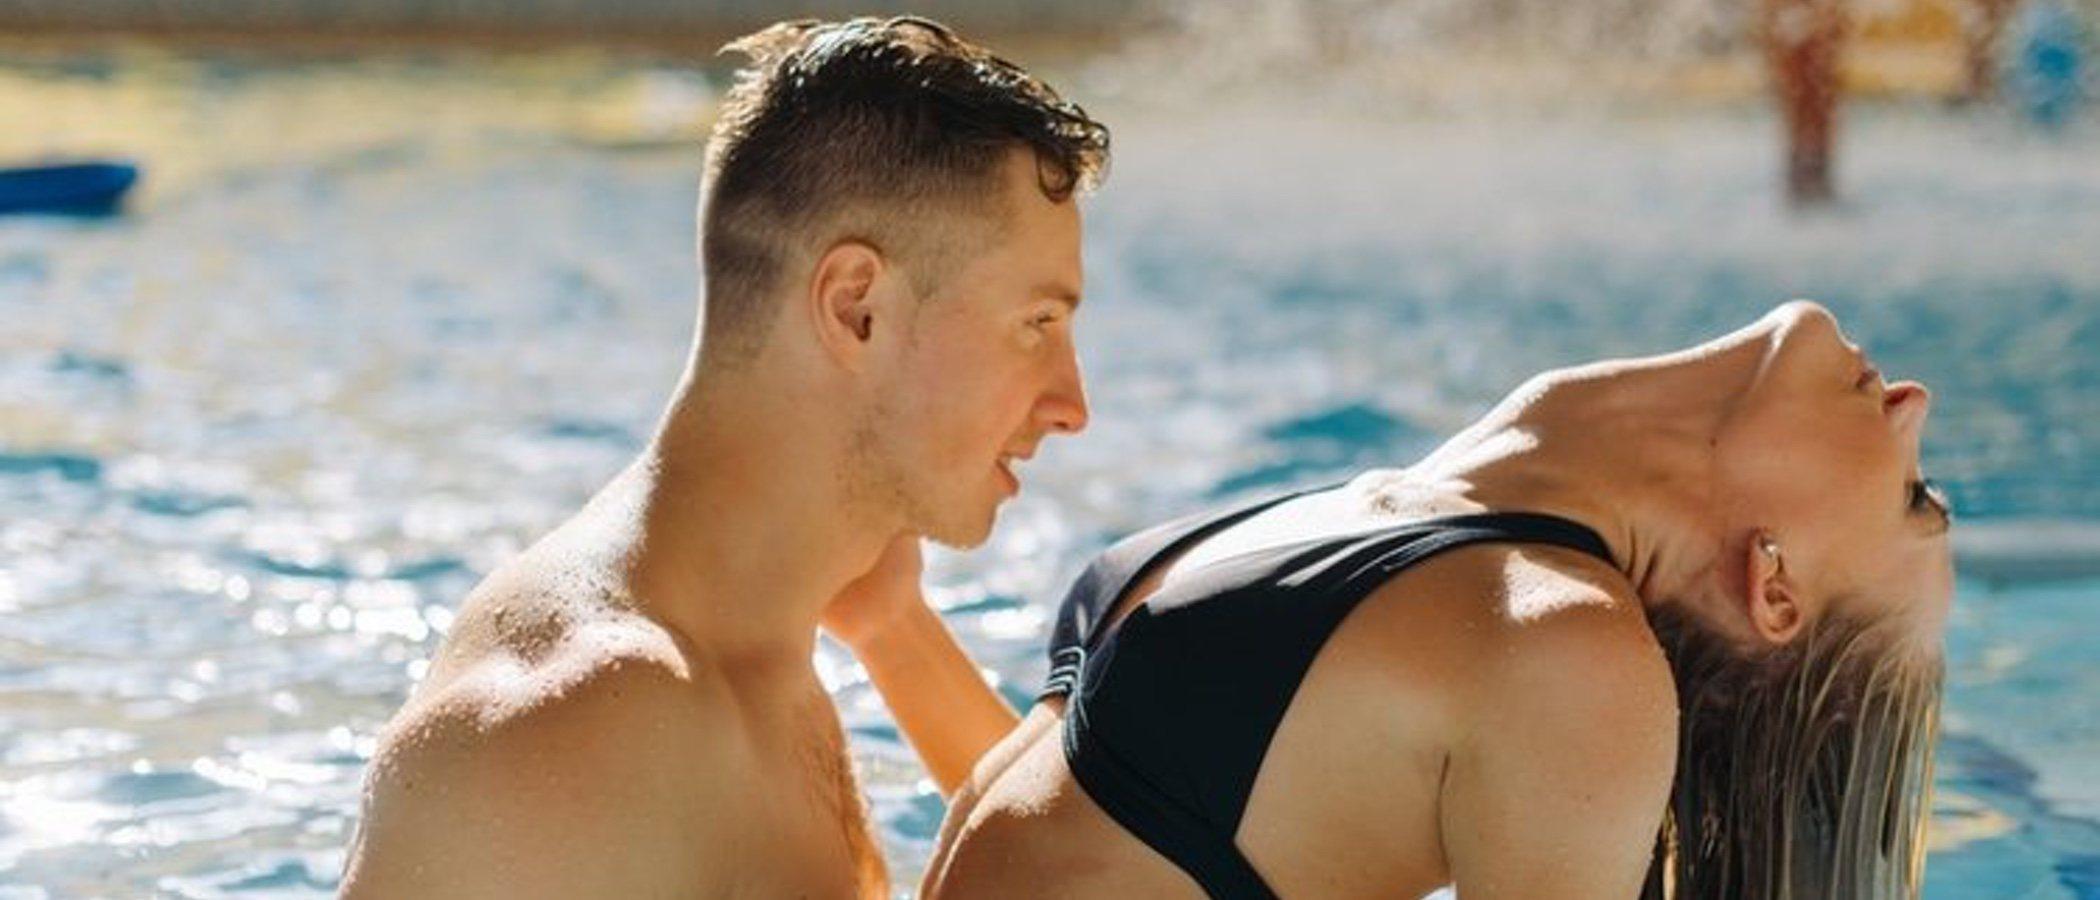 Horóscopo sexual septiembre 2018: Acuario